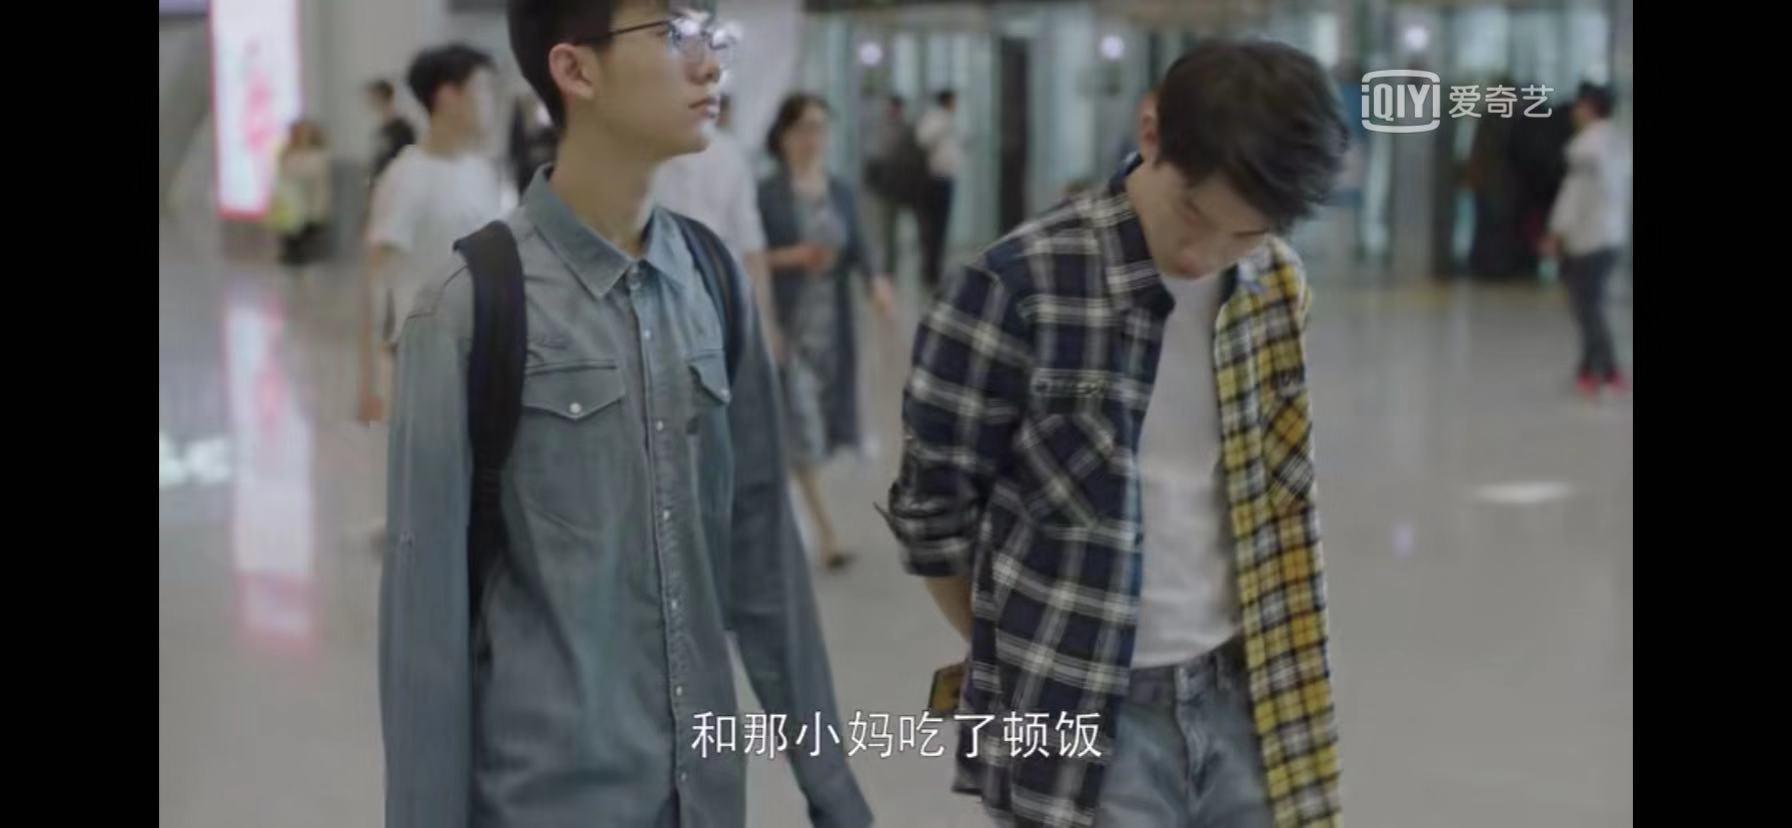 《小欢喜》编剧故意和黄磊过不去?海清扮演童文洁的外甥也叫磊儿